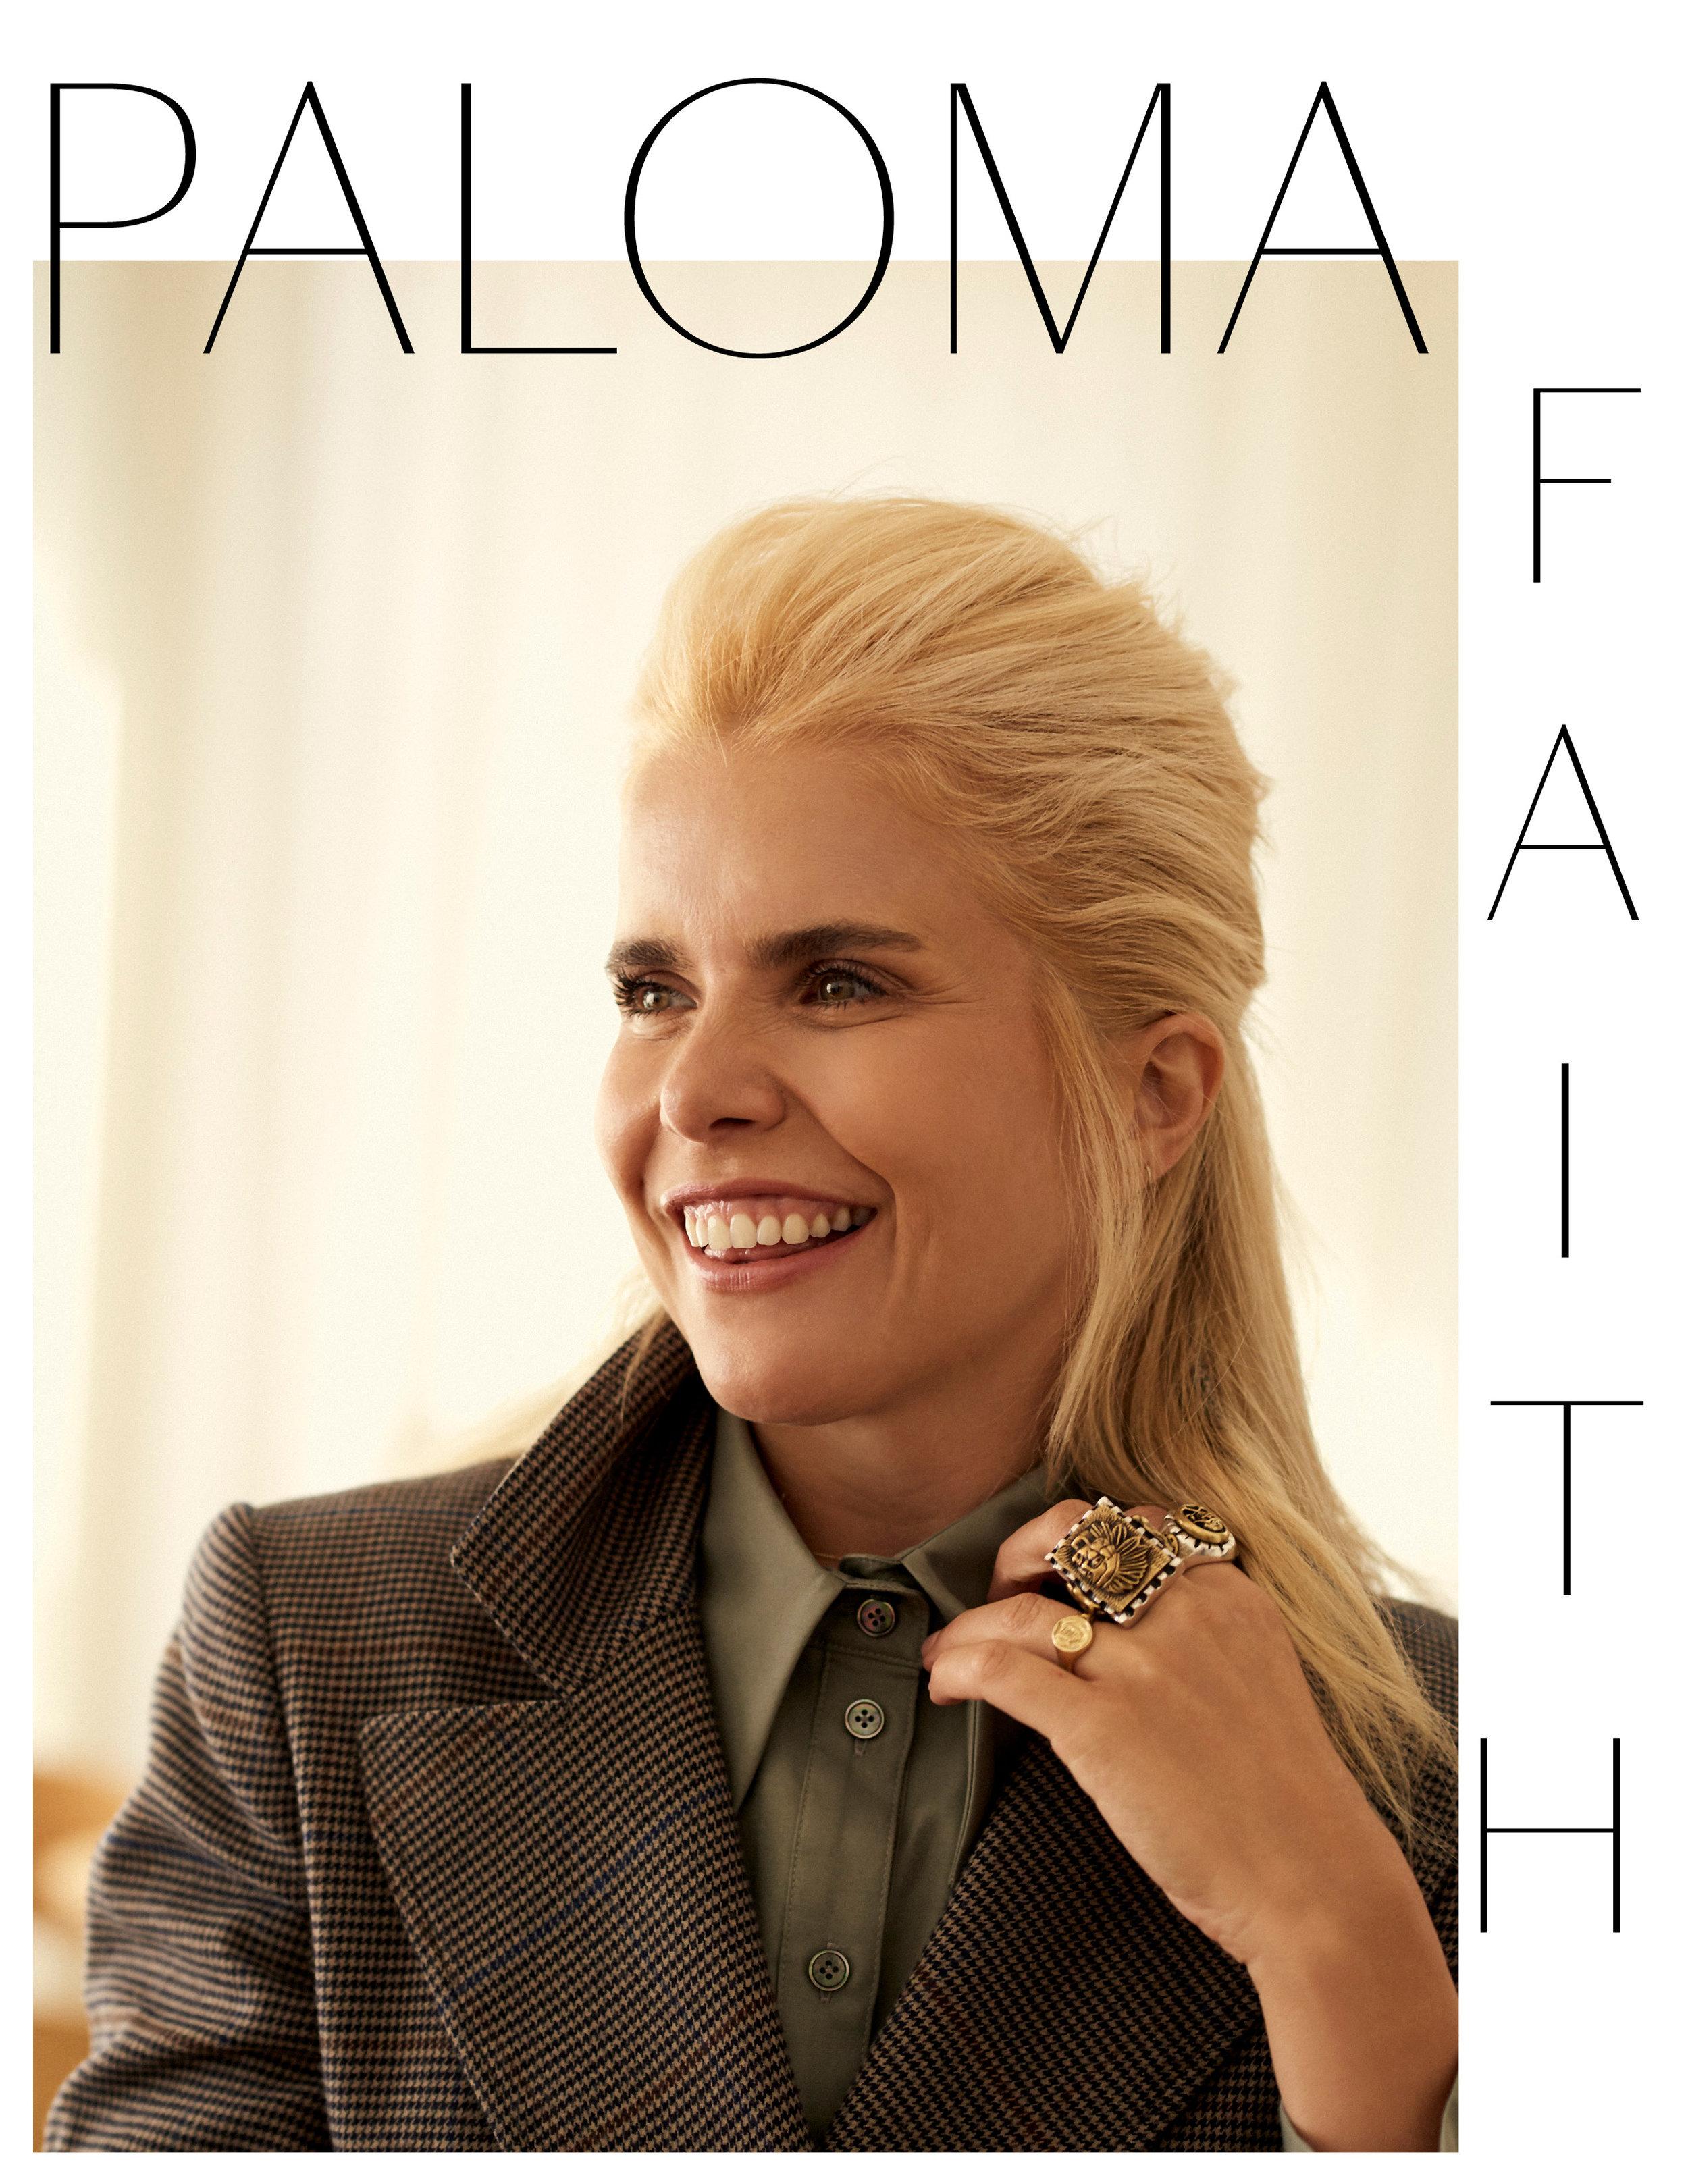 ROSE & IVY x Paloma Faith11.jpg